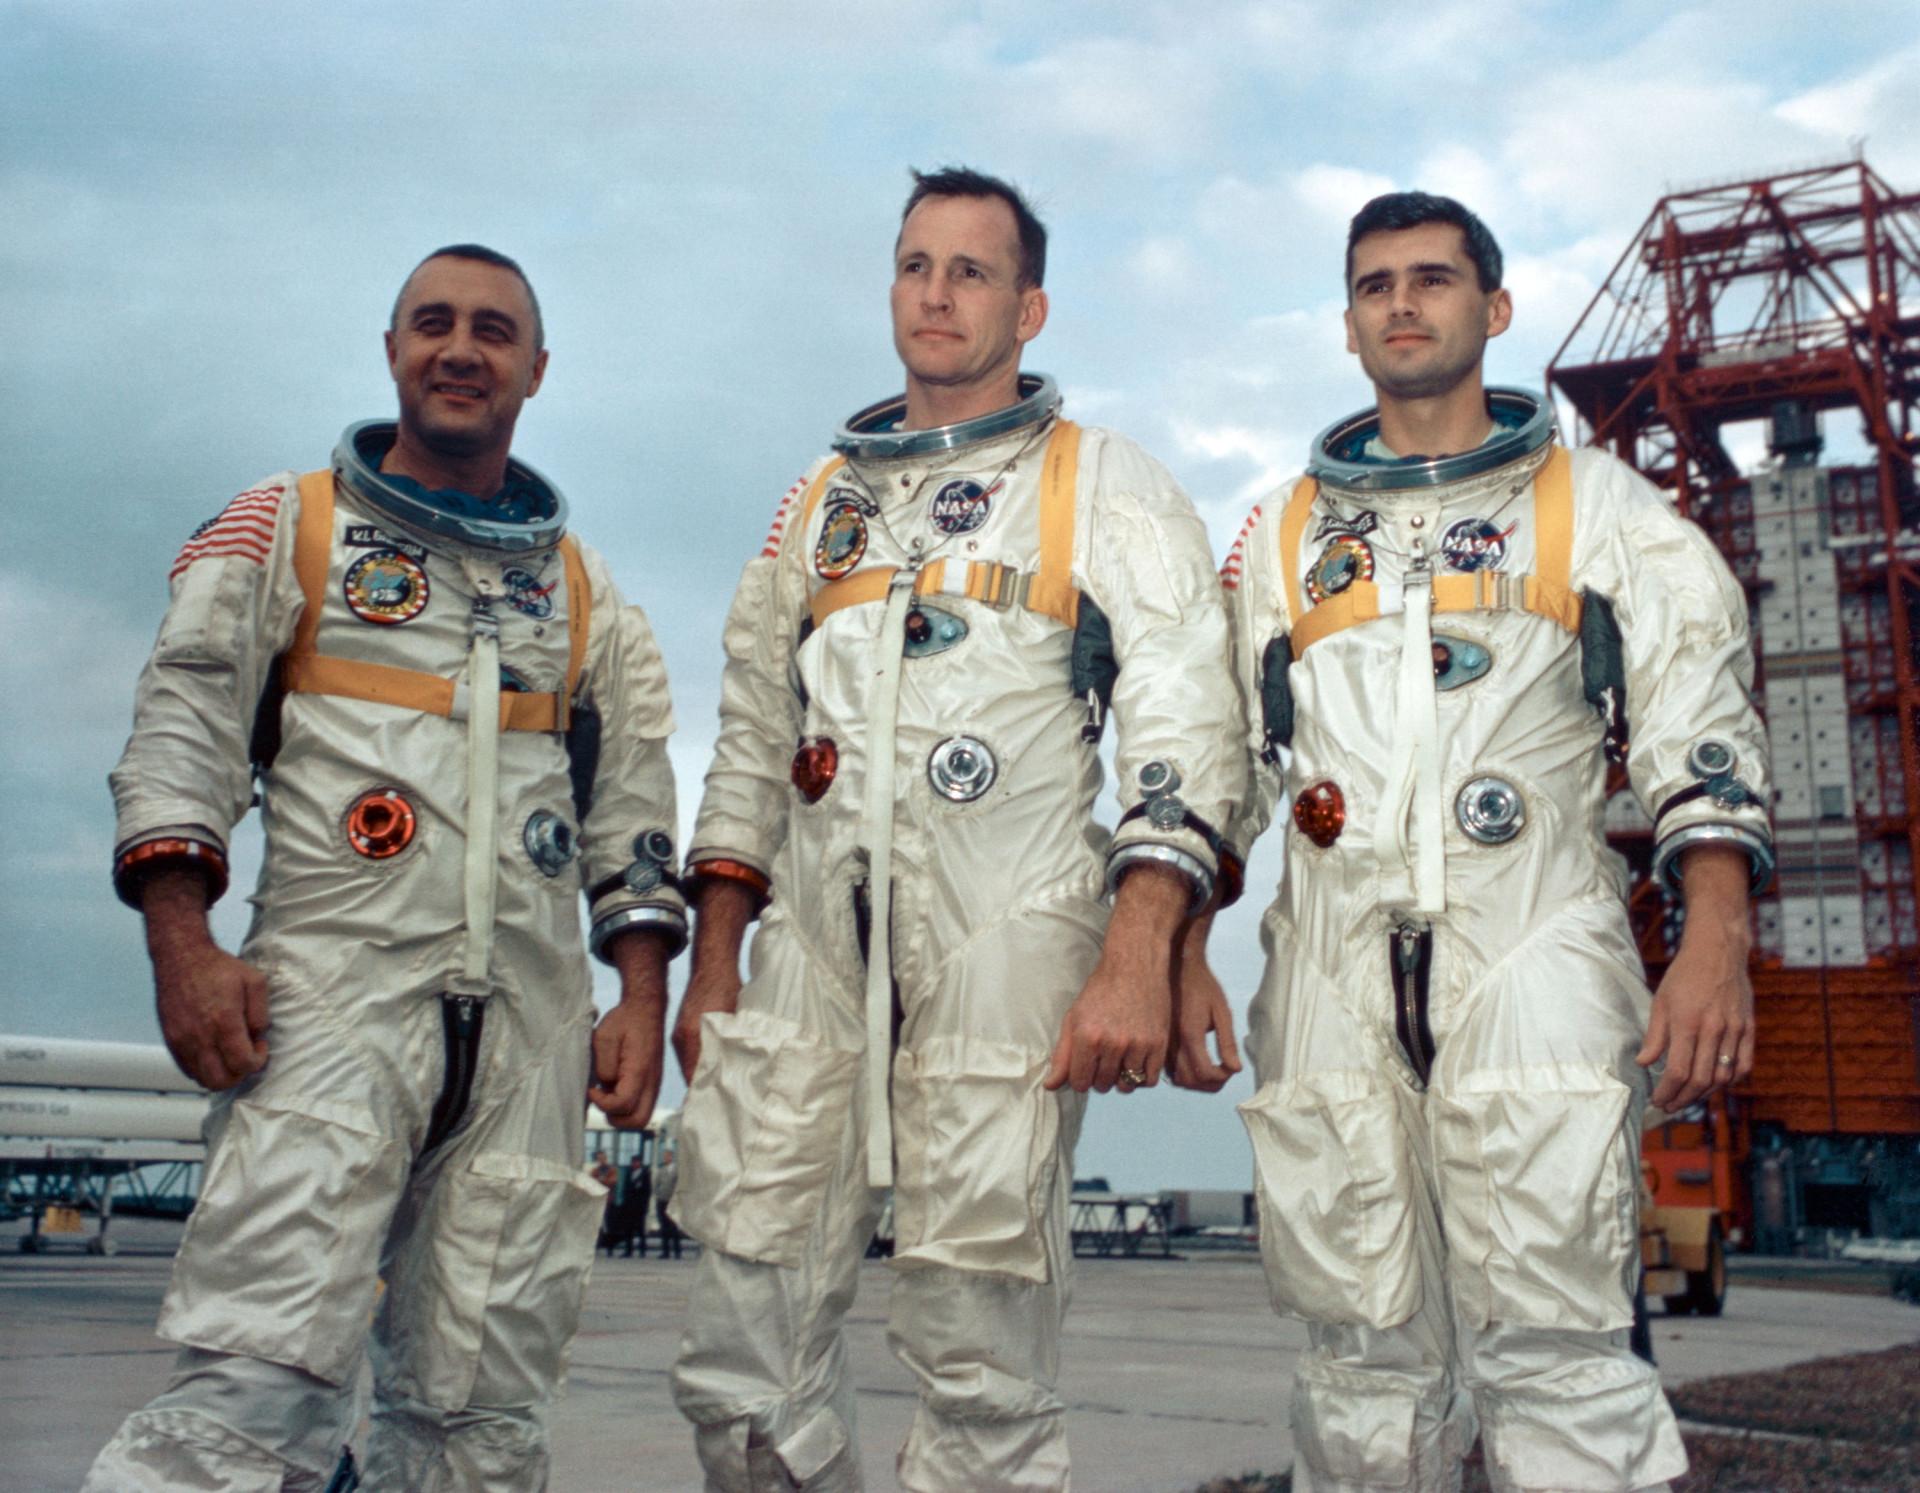 Segundos fatais: missões espaciais que acabaram em tragédia